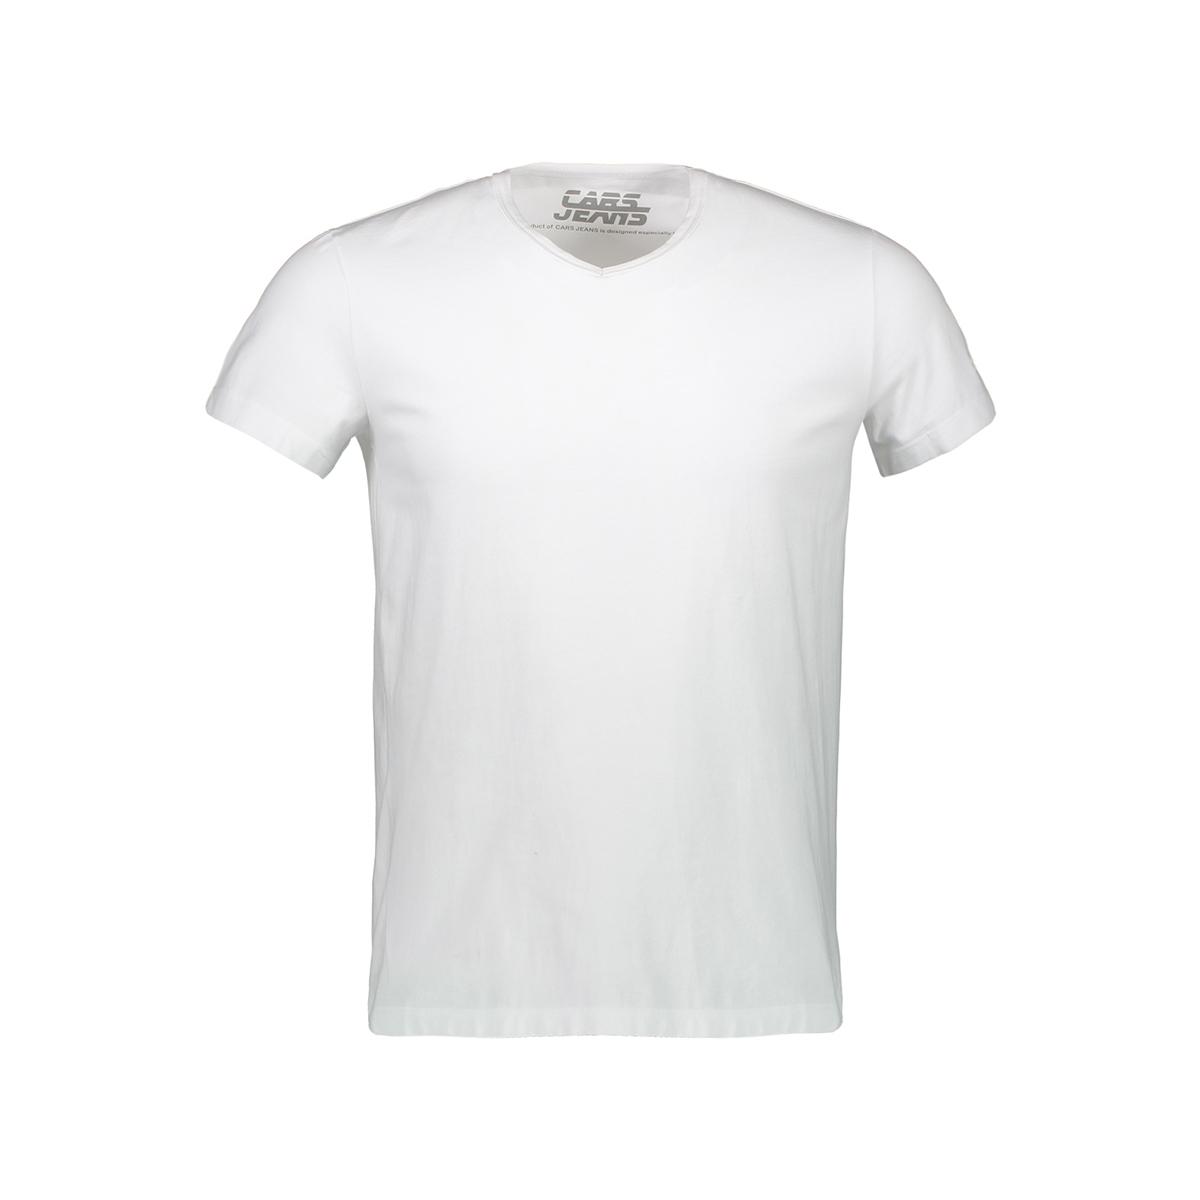 vick 61432 cars t-shirt 23 white